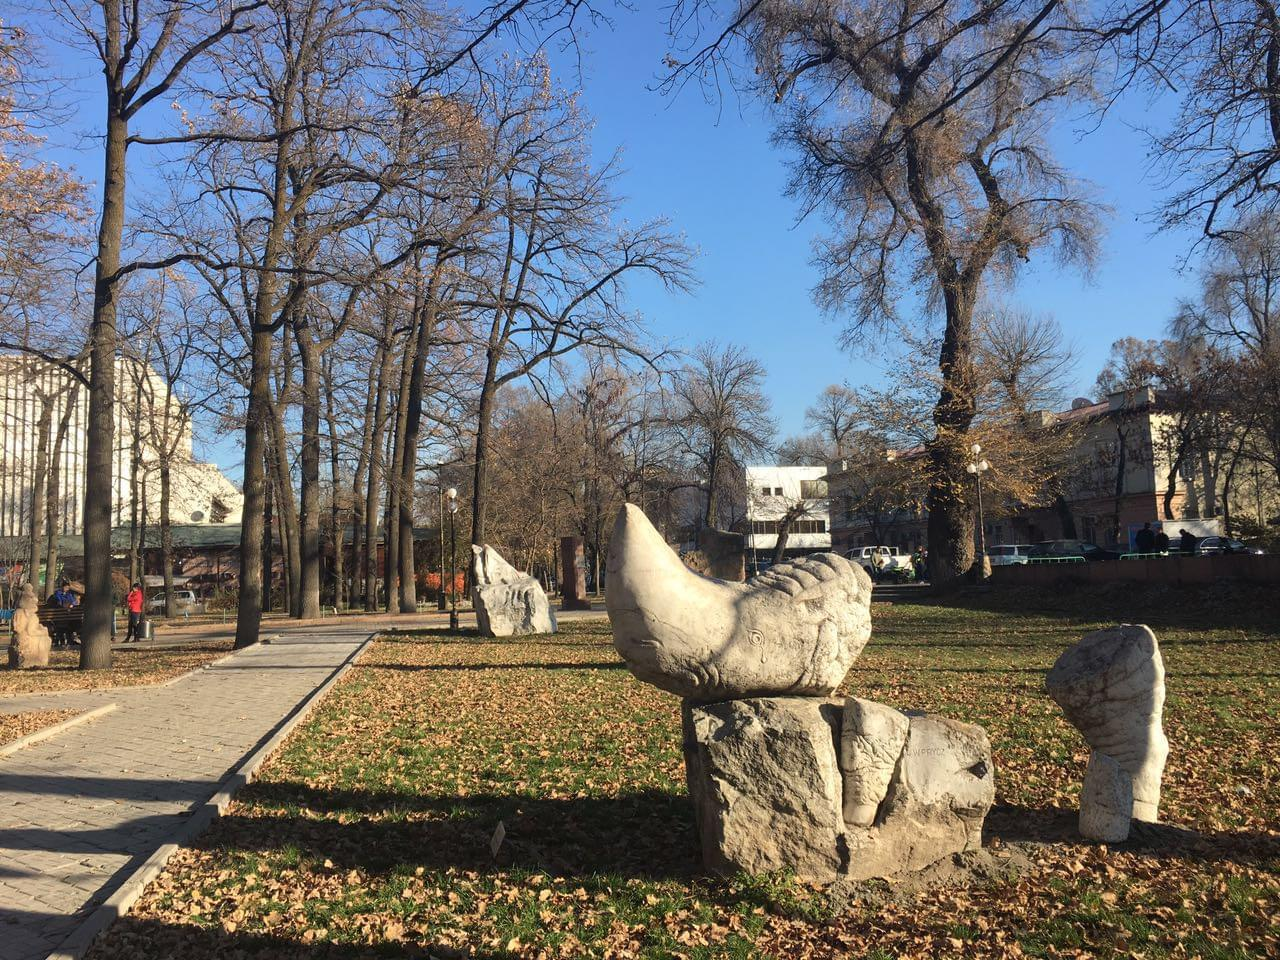 比什凯克市中心,全苏联统一风格的公园